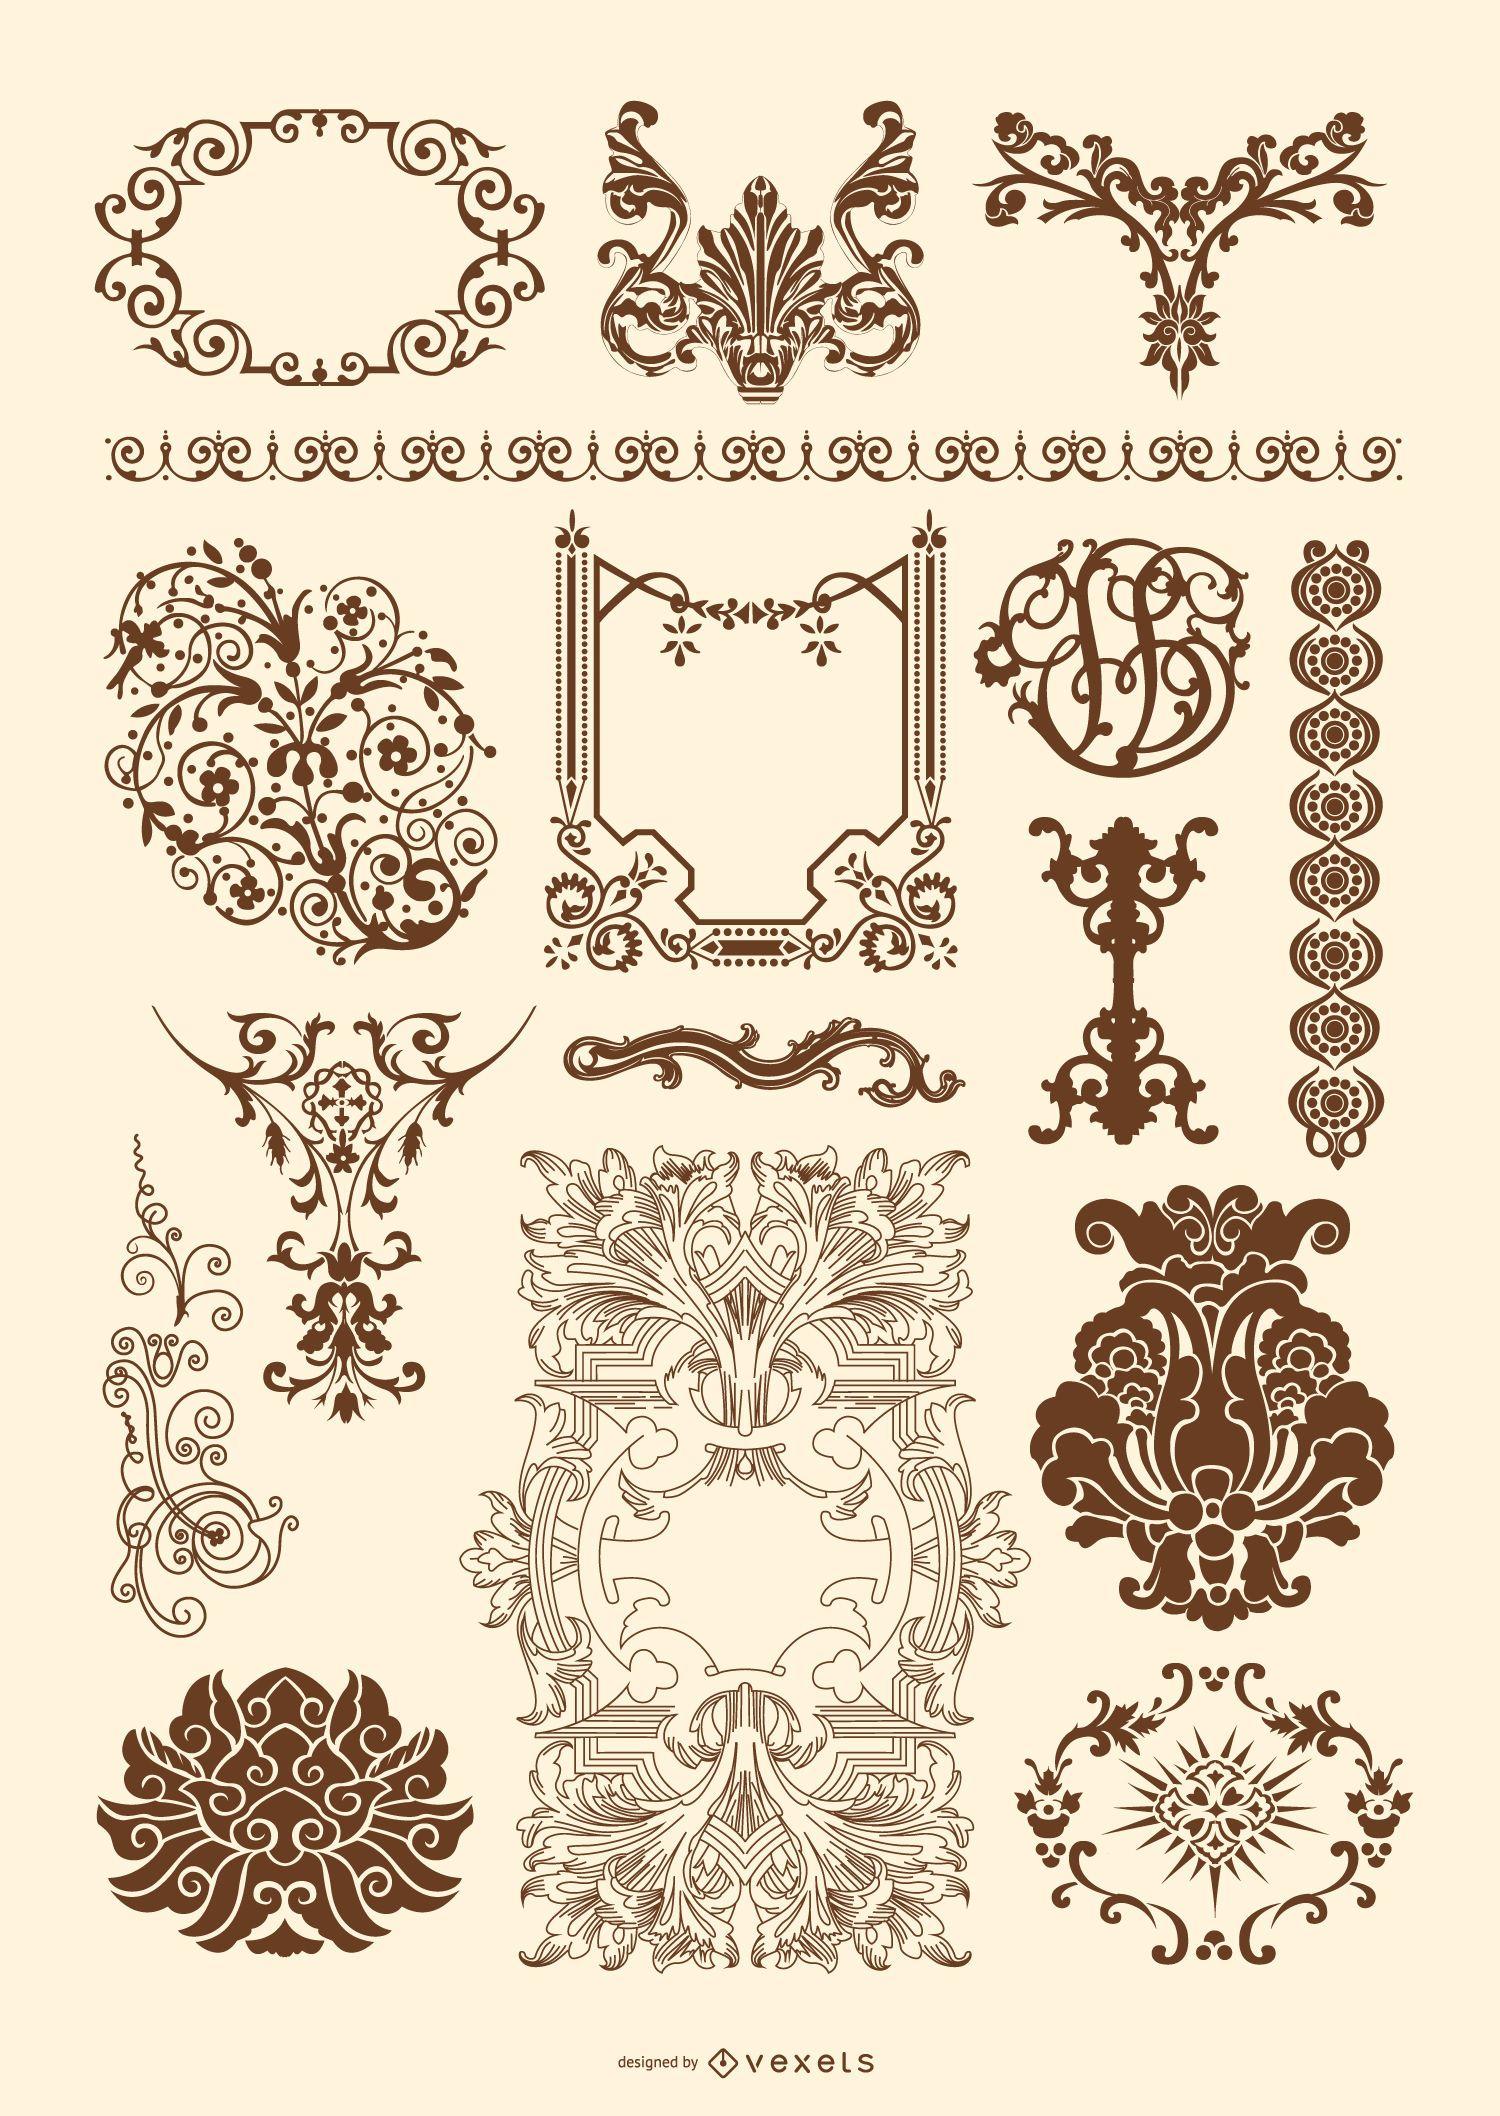 Victorian and rococo ornament set vector download for Design ornaments